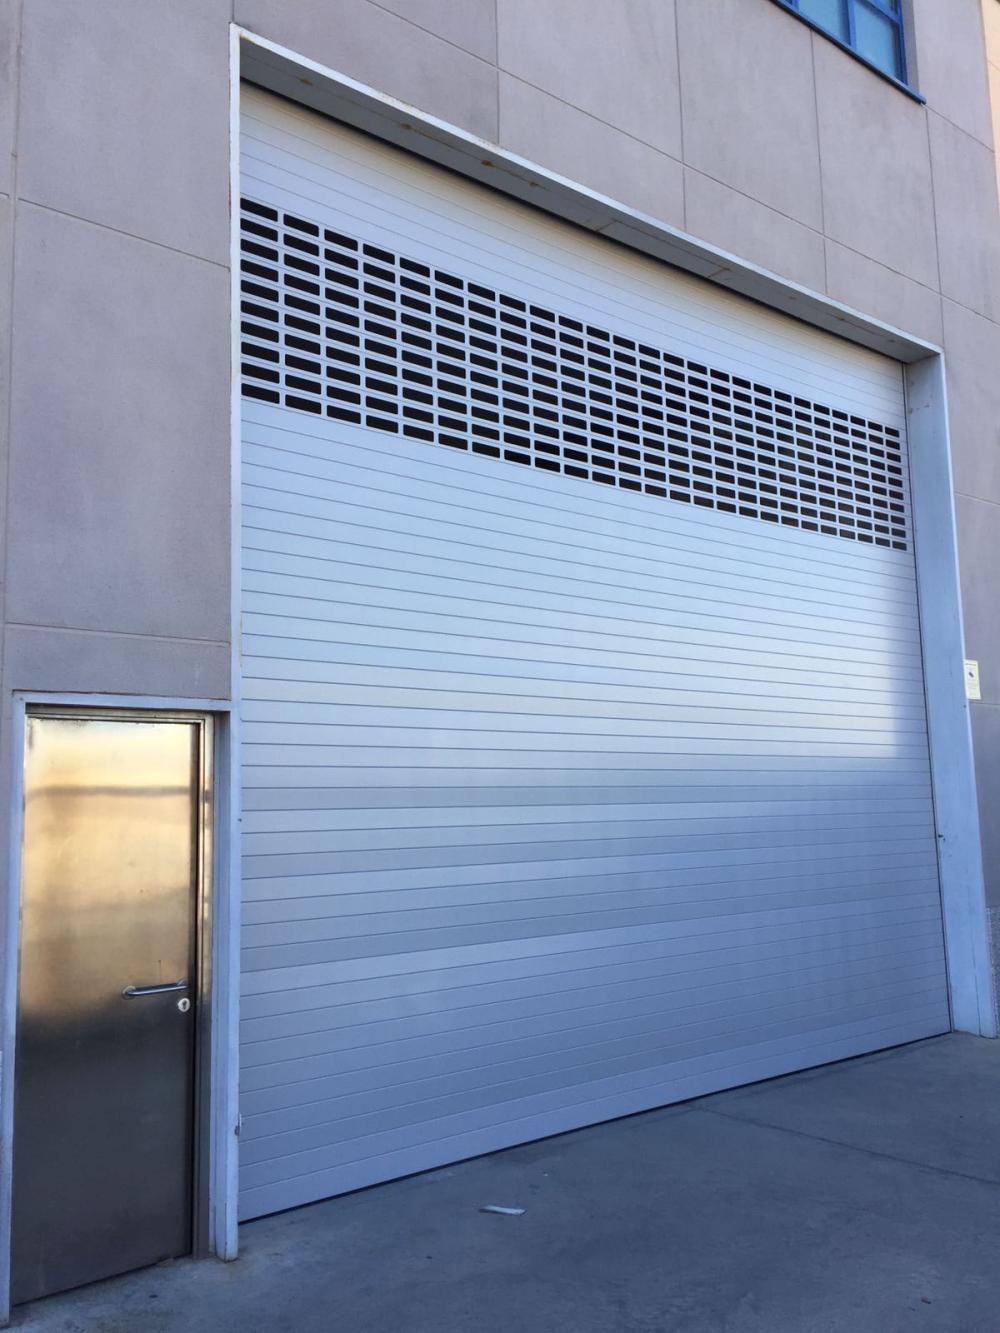 Puertas garaje automaticas precios puertas de garaje for Puerta garaje seccional precio